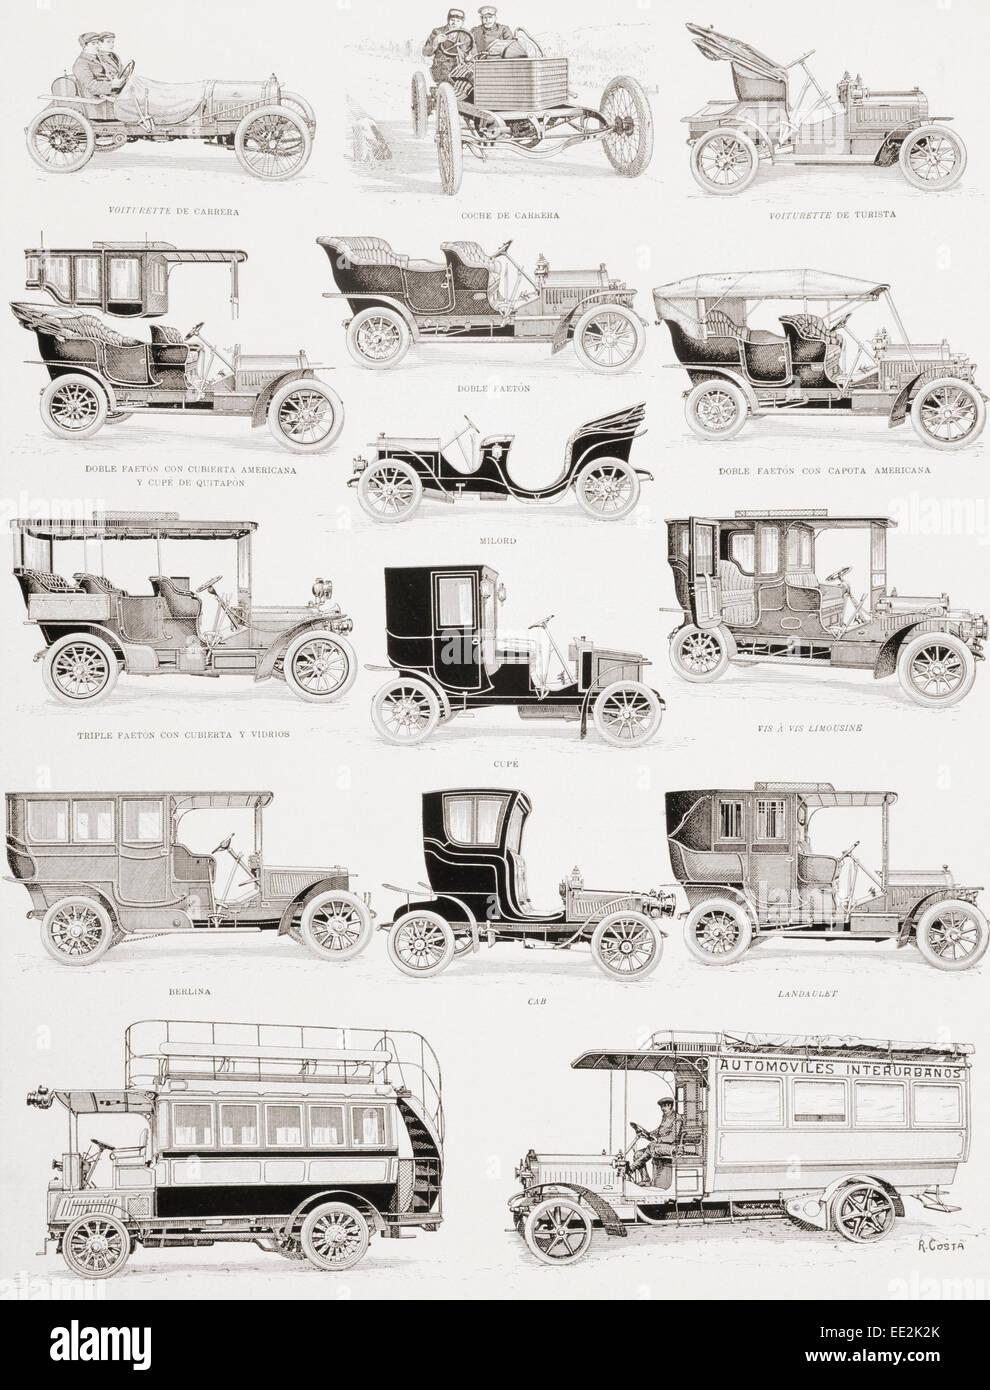 Autos und Busse aus dem ersten Jahrzehnt des 20. Jahrhunderts.  Bildunterschriften in spanischer Sprache. Stockfoto